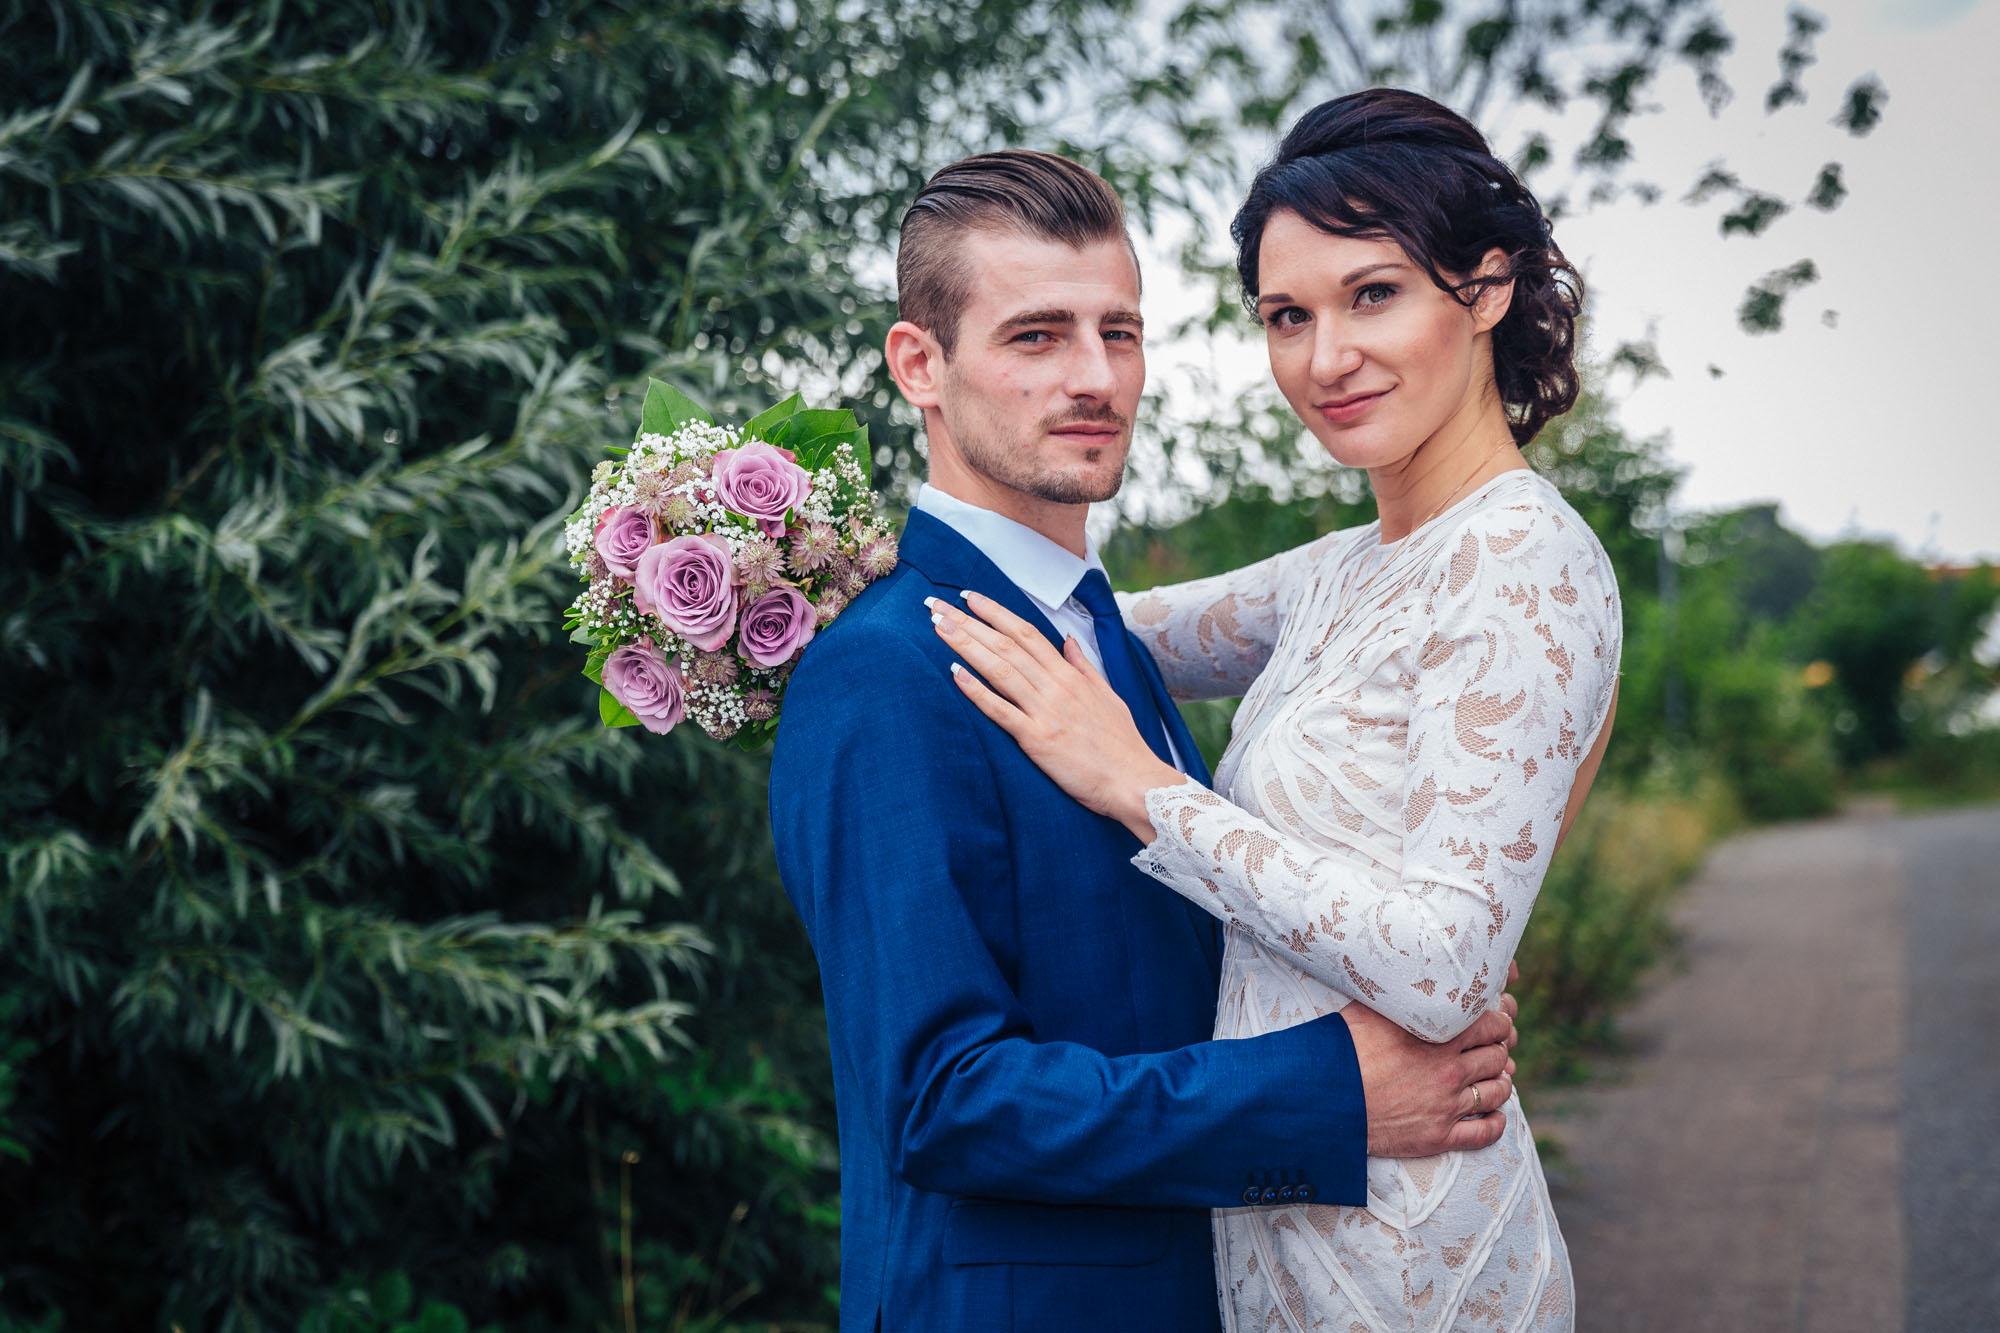 Fotos-Fotograf-Hochzeit-Hochzeitsfotograf-Hildesheim-Hannover-Wolfsburg-Braunschweig-Salzgitter-PS-SD-20160803-0021